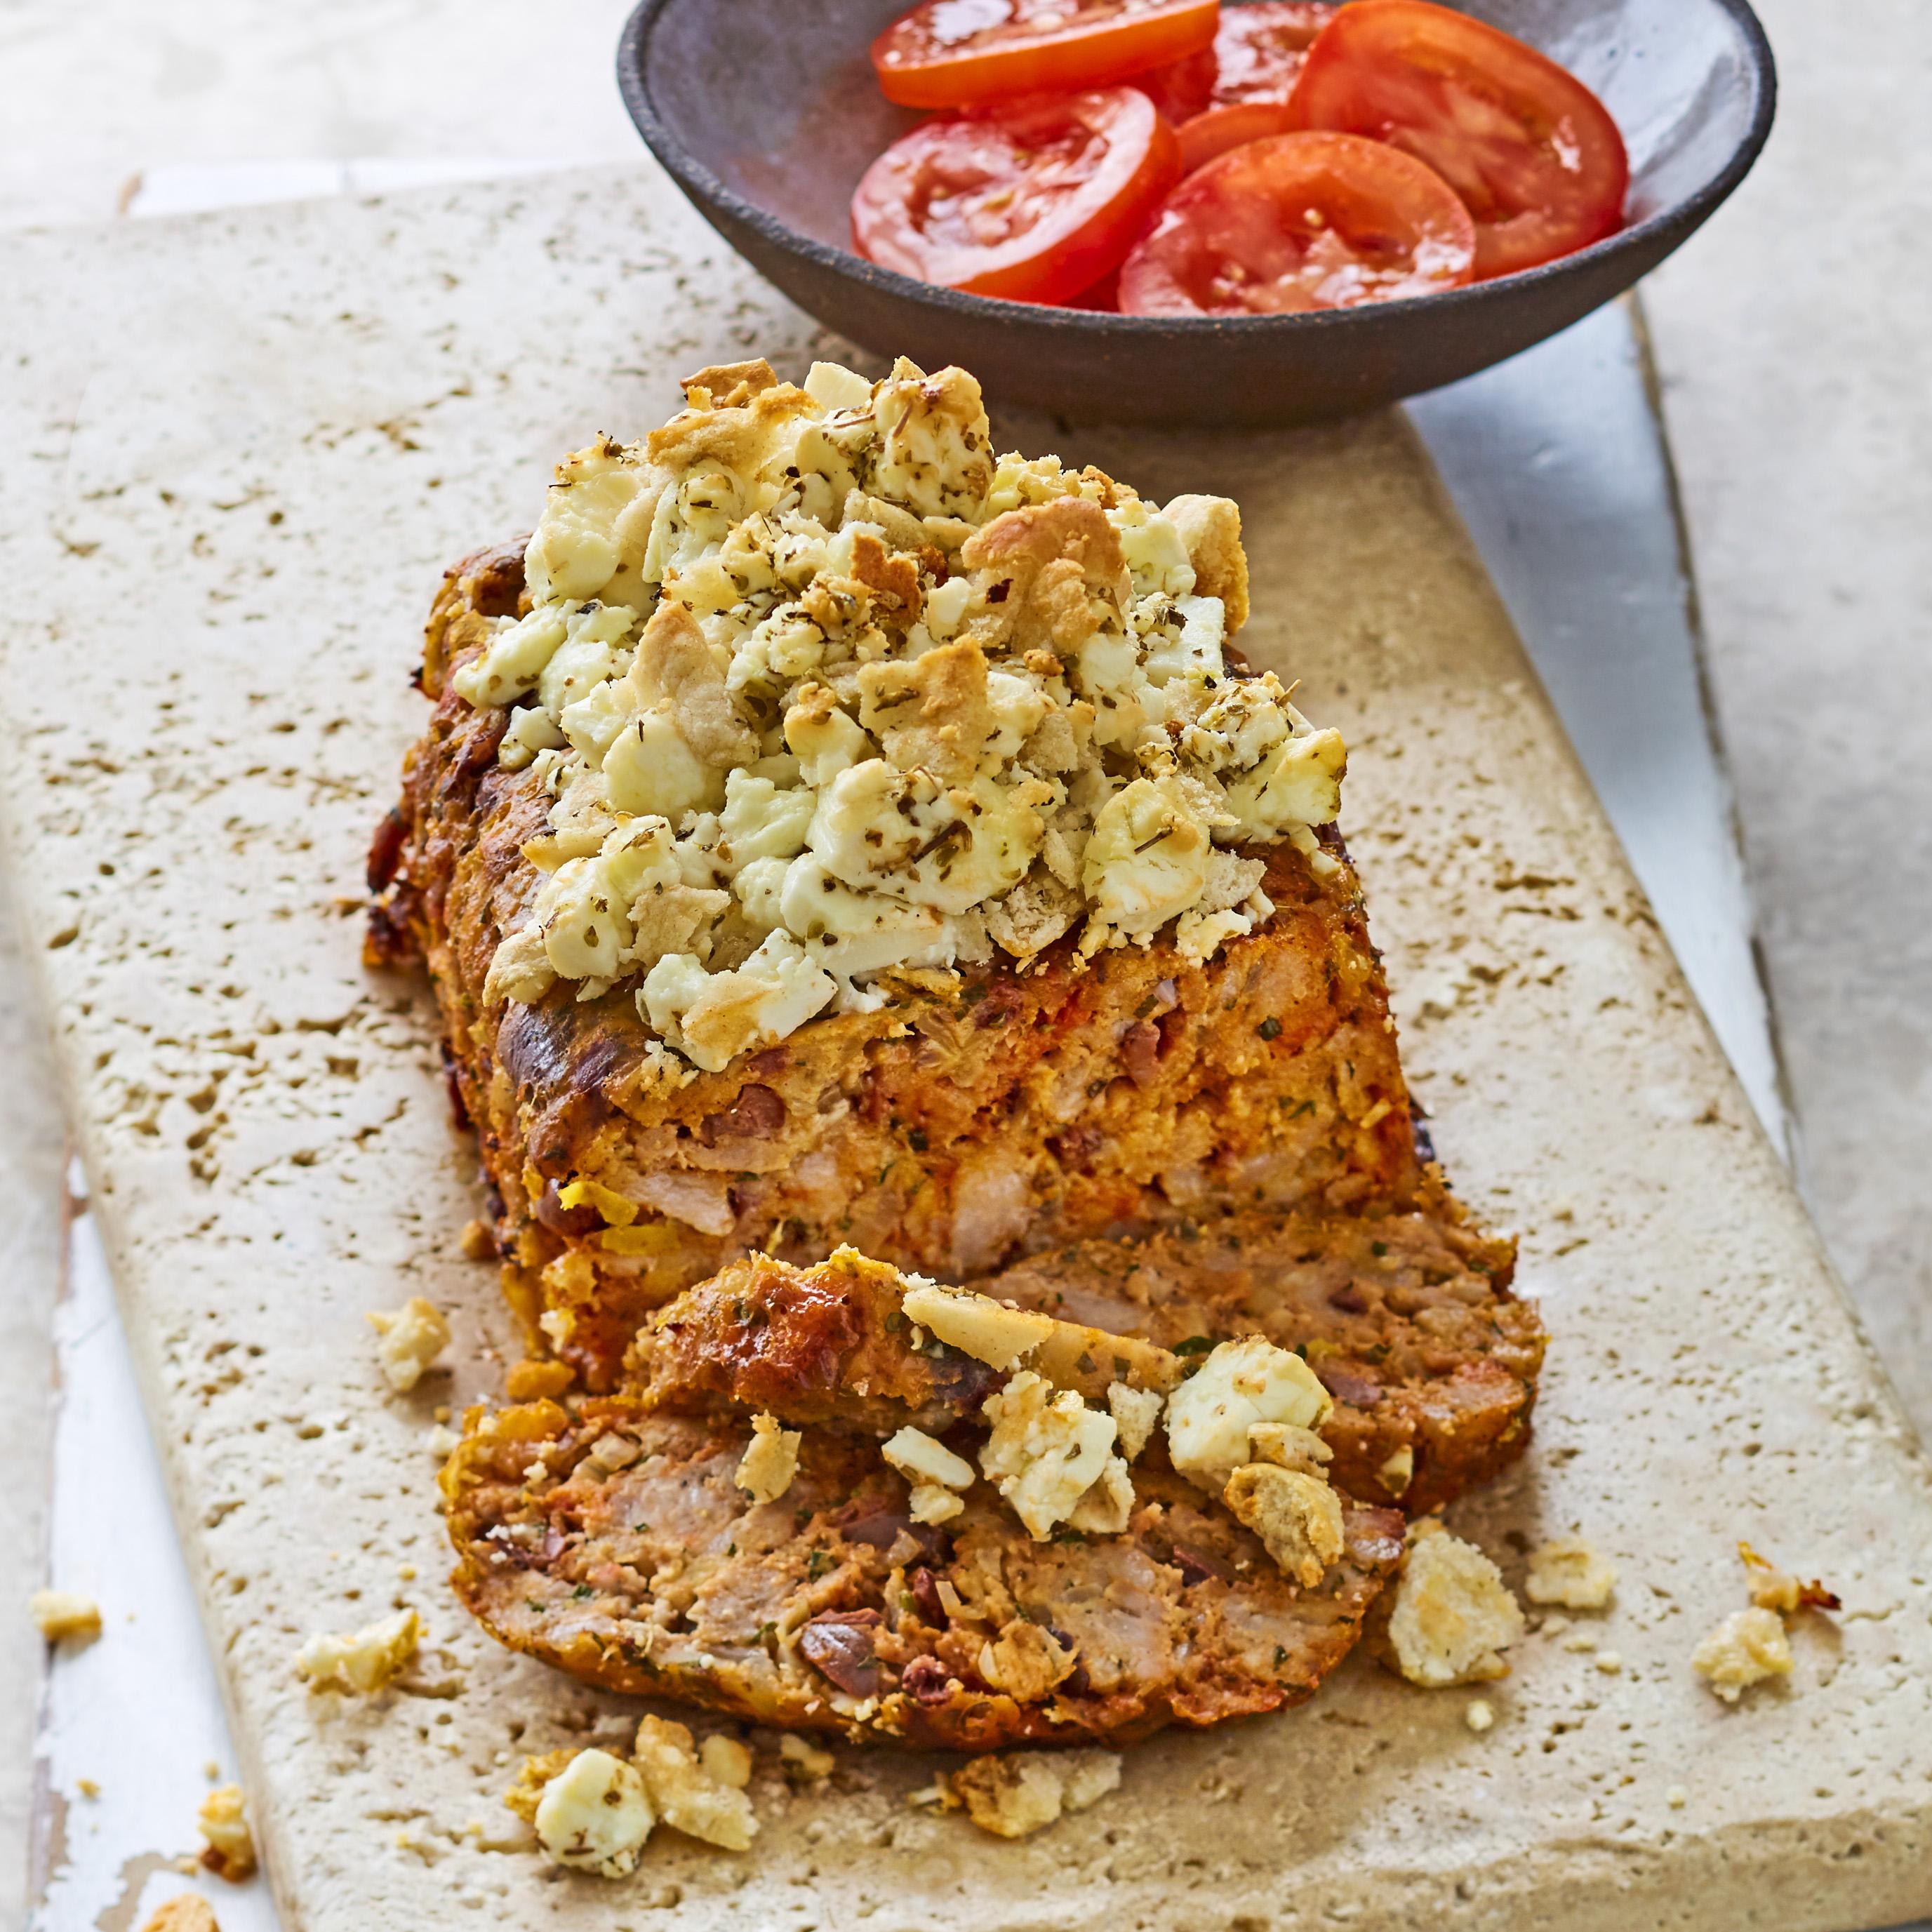 Greek meatloaf with baked feta